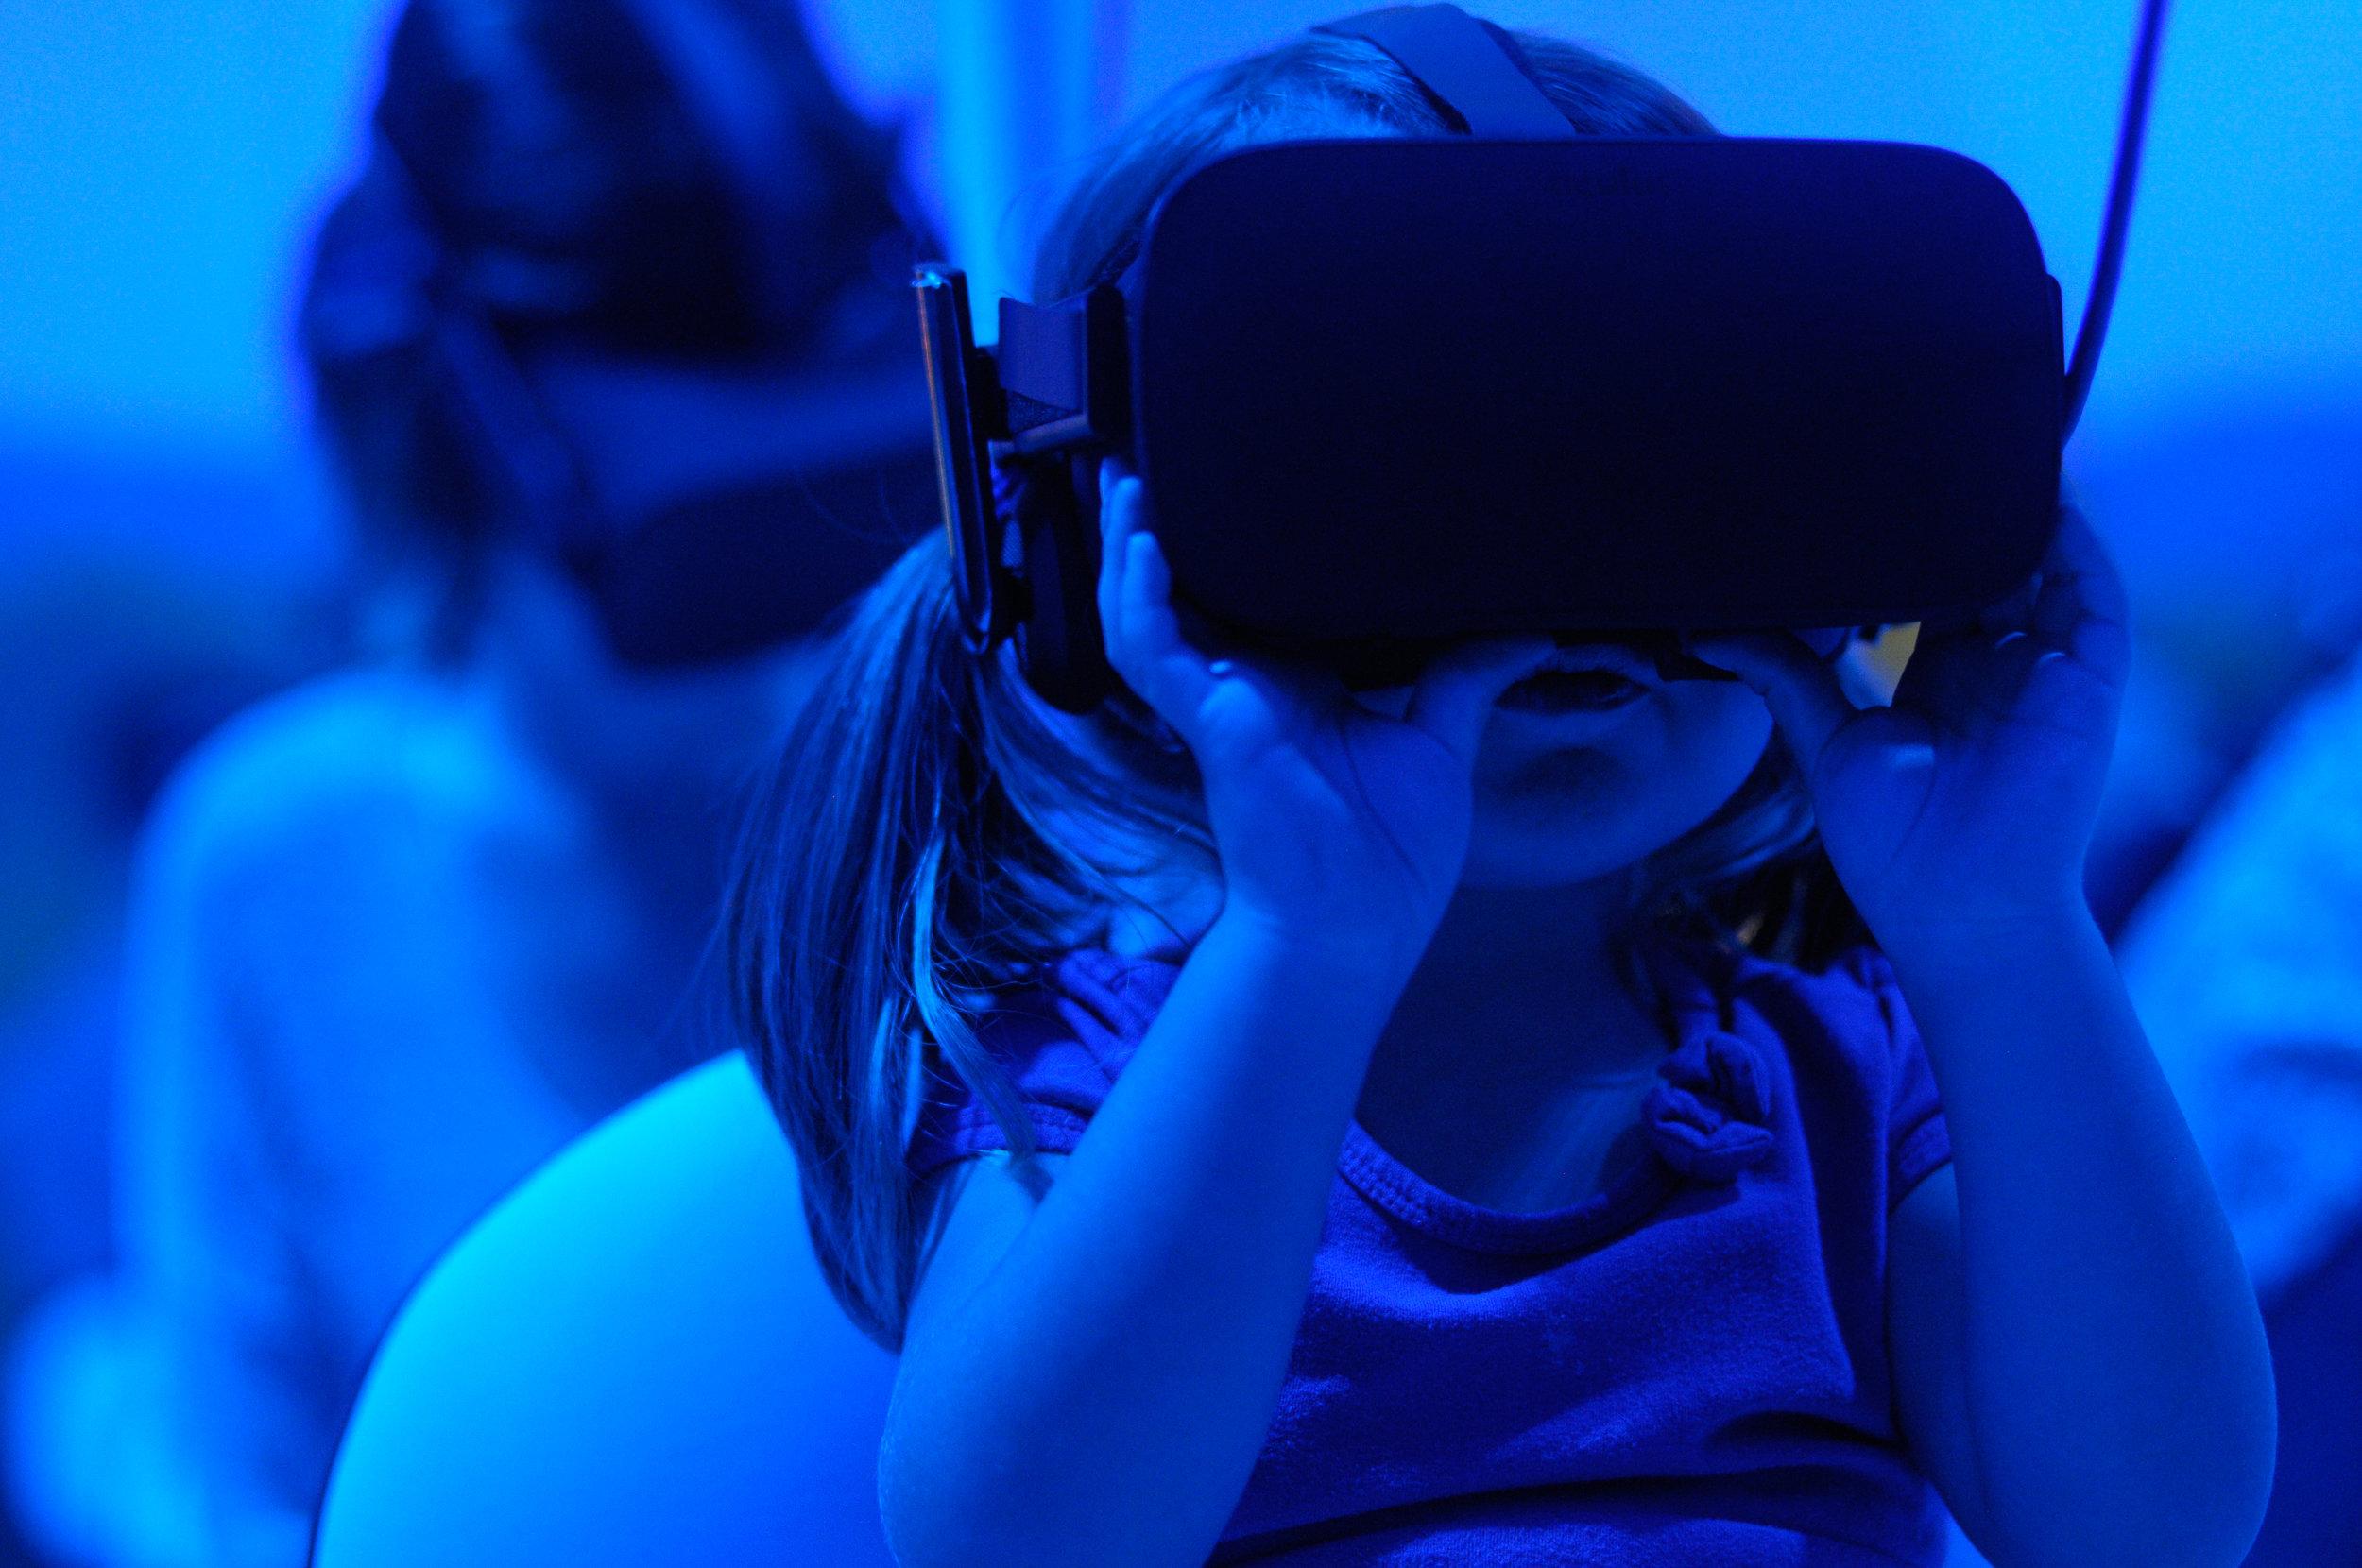 Elke sessie van de future society wordt ingeleid door een future scenario dat zich in de nabije toekomst afspeelt. Willen we het zo ver laten komen?